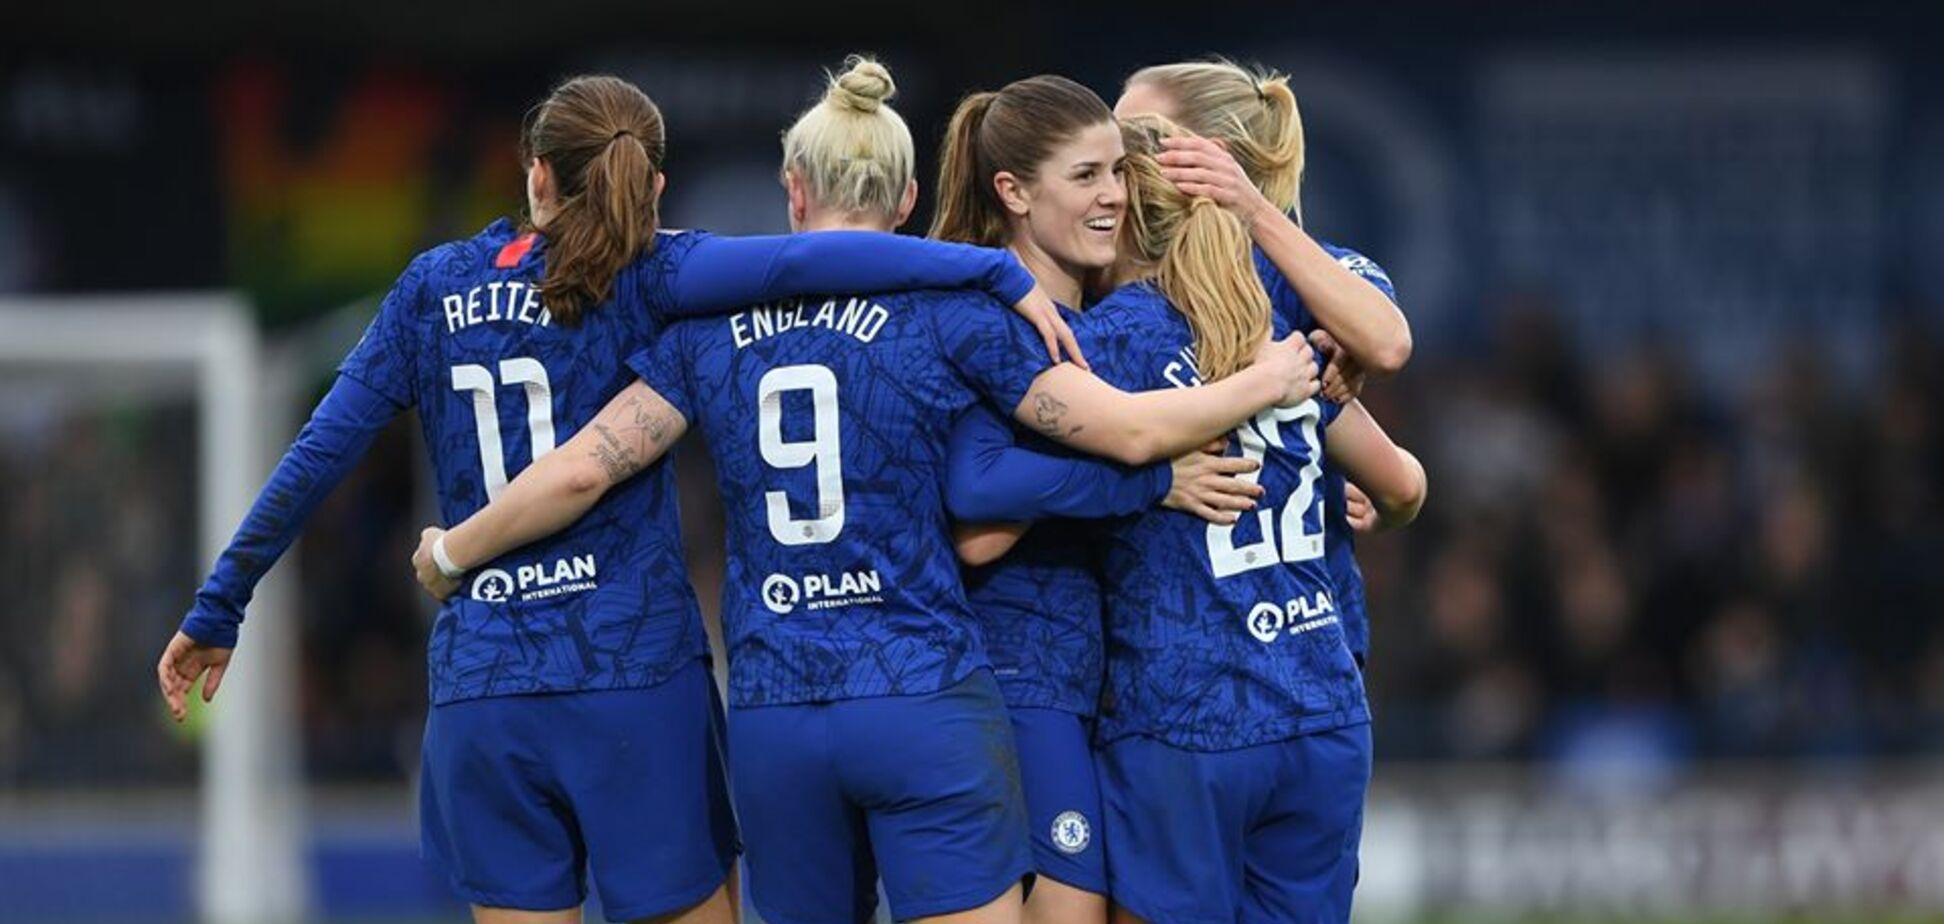 ФК 'Челси' первым в мире будет учитывать критические дни у женщин